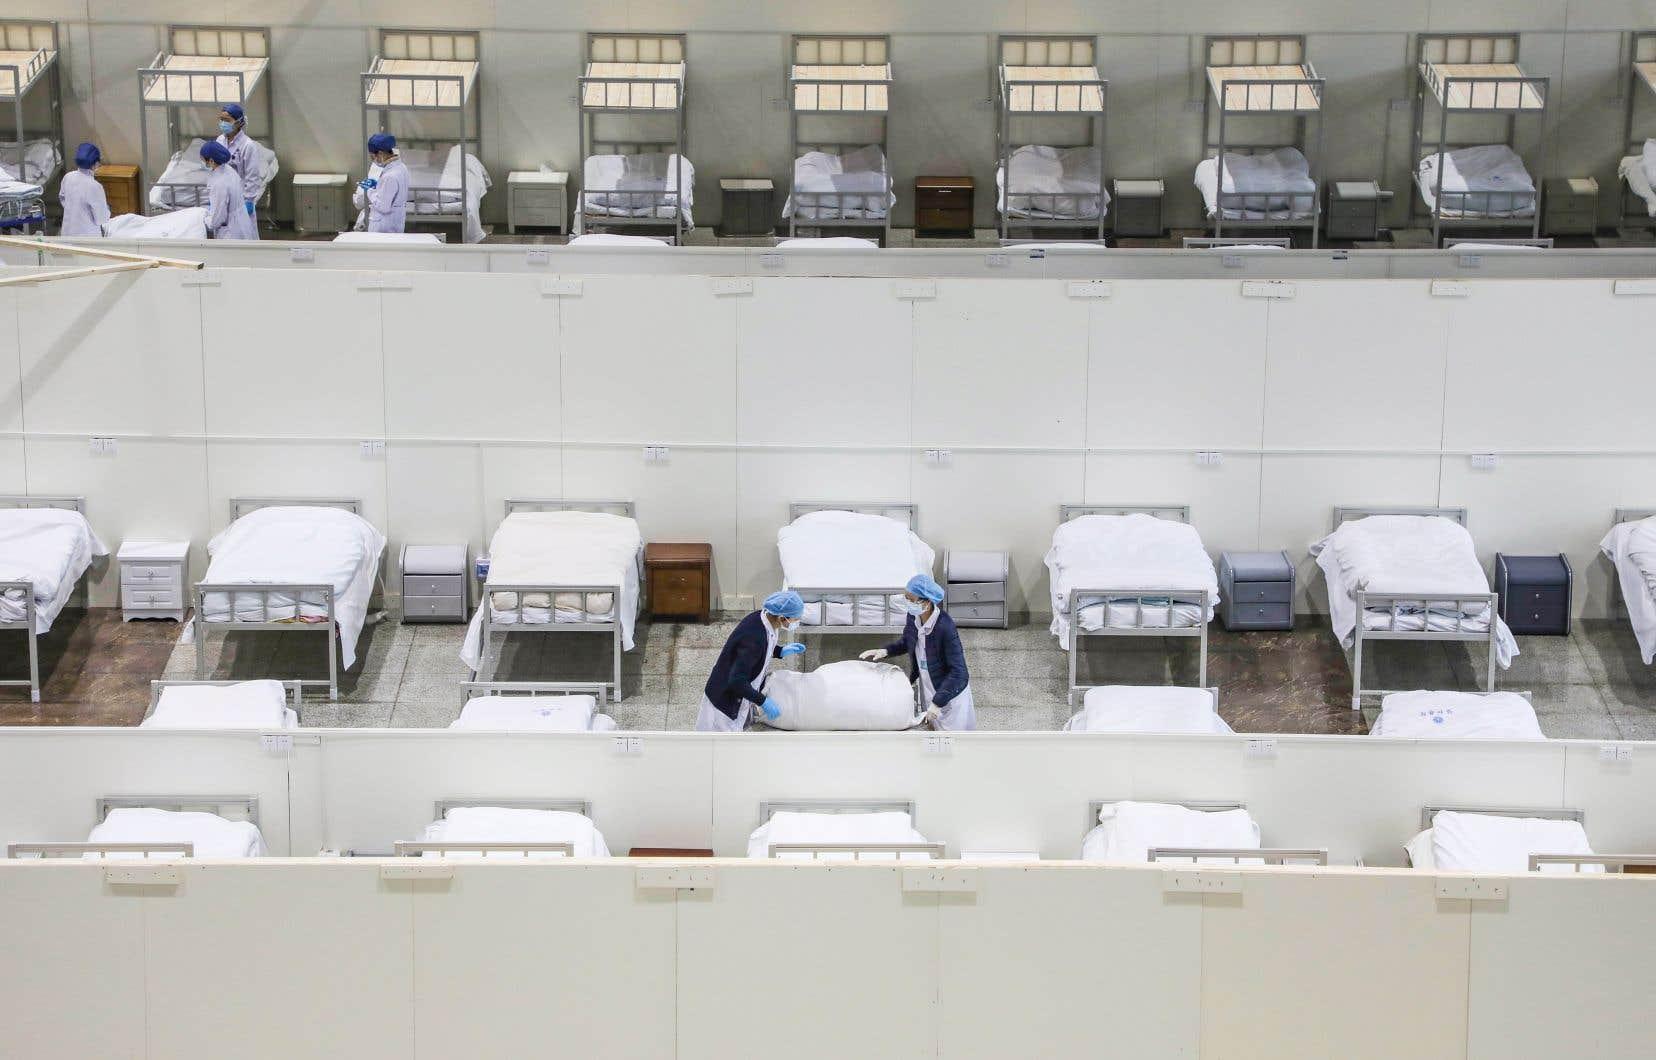 L'hôpital central de Wuhan, en Chine, où est apparu le nouveau coronavirus en décembre dernier.